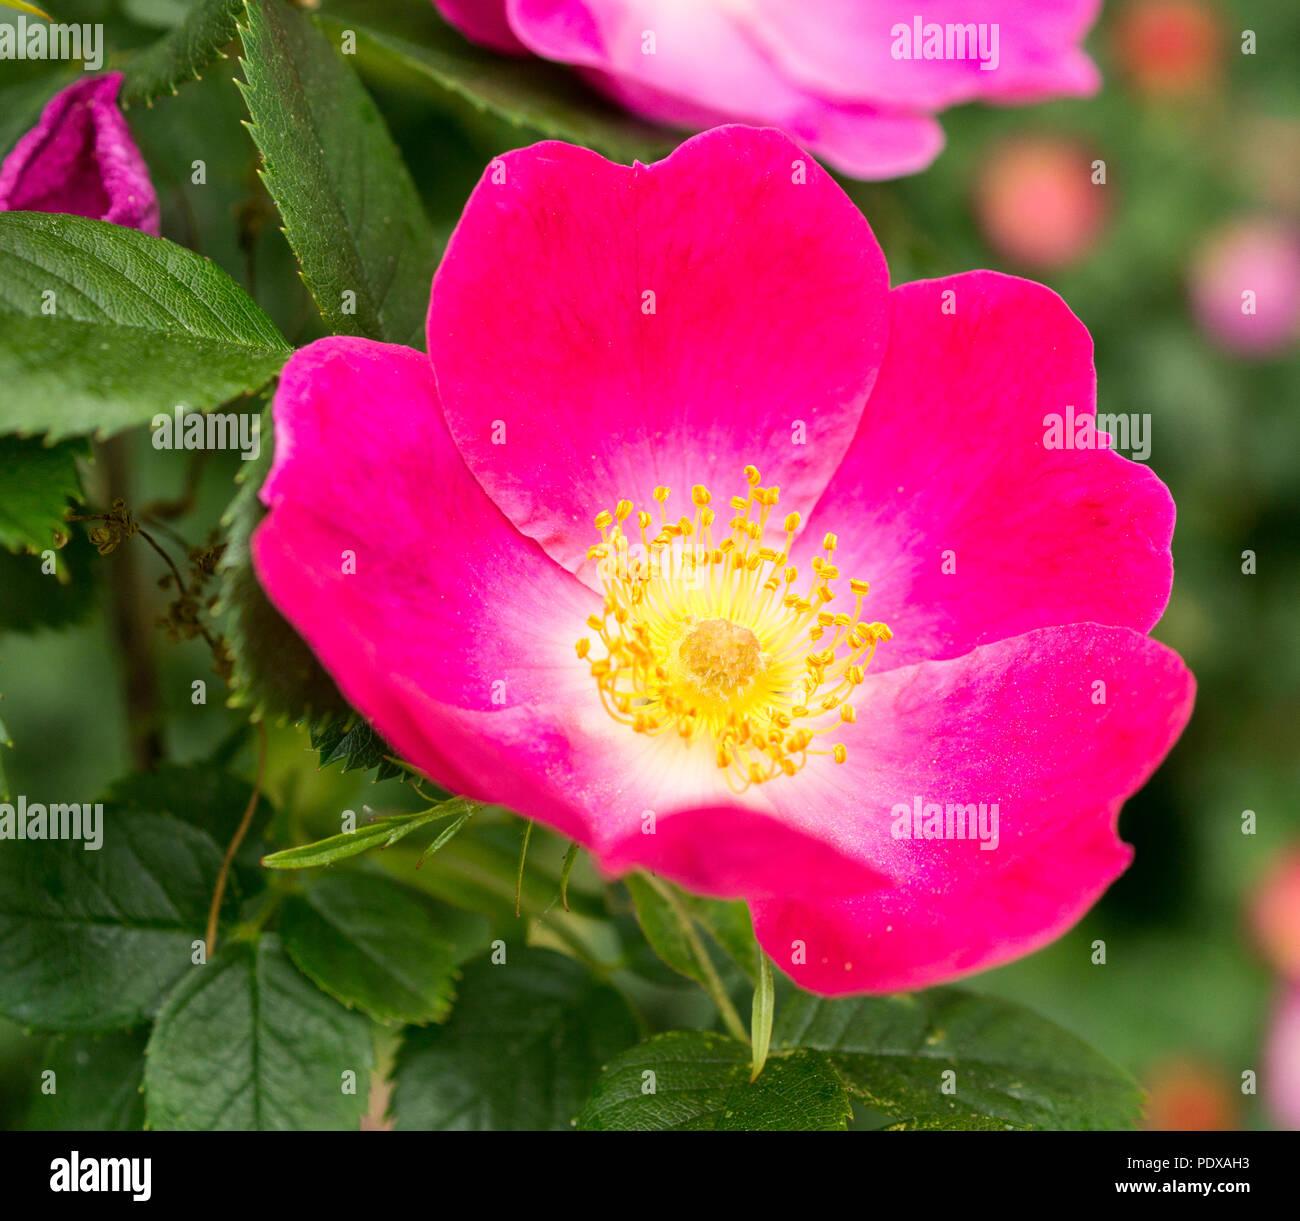 Pink bluehende Hundsrose - Stock Image